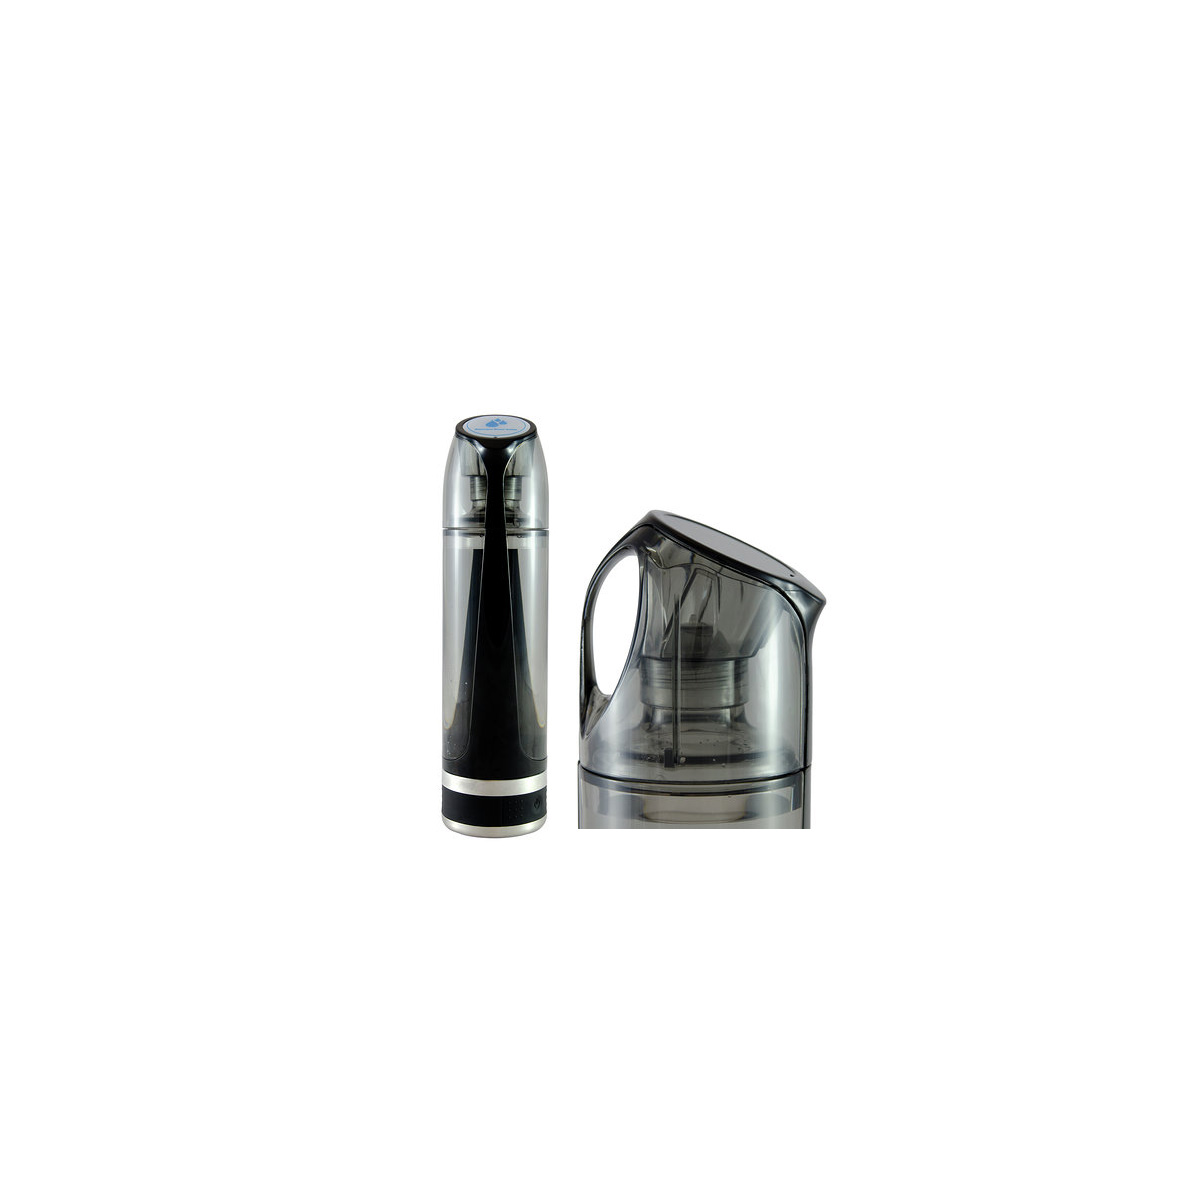 WATER-hydrogen-filter bottle